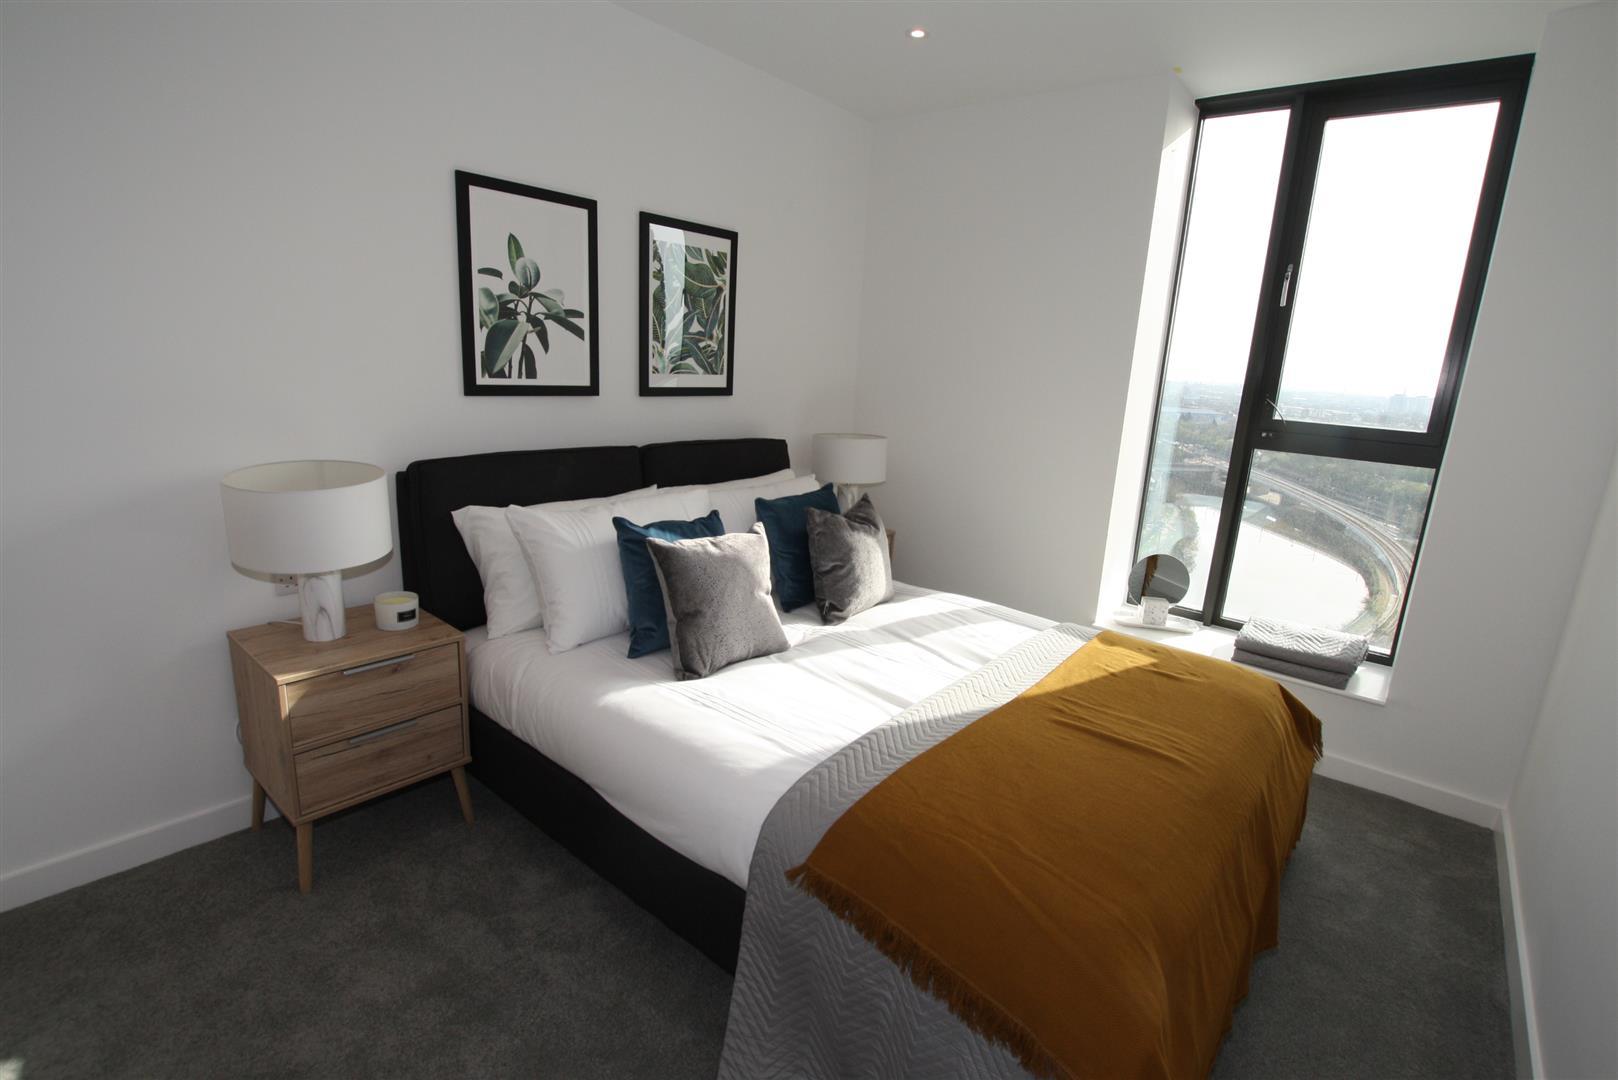 1 Bed Bedroom.JPG